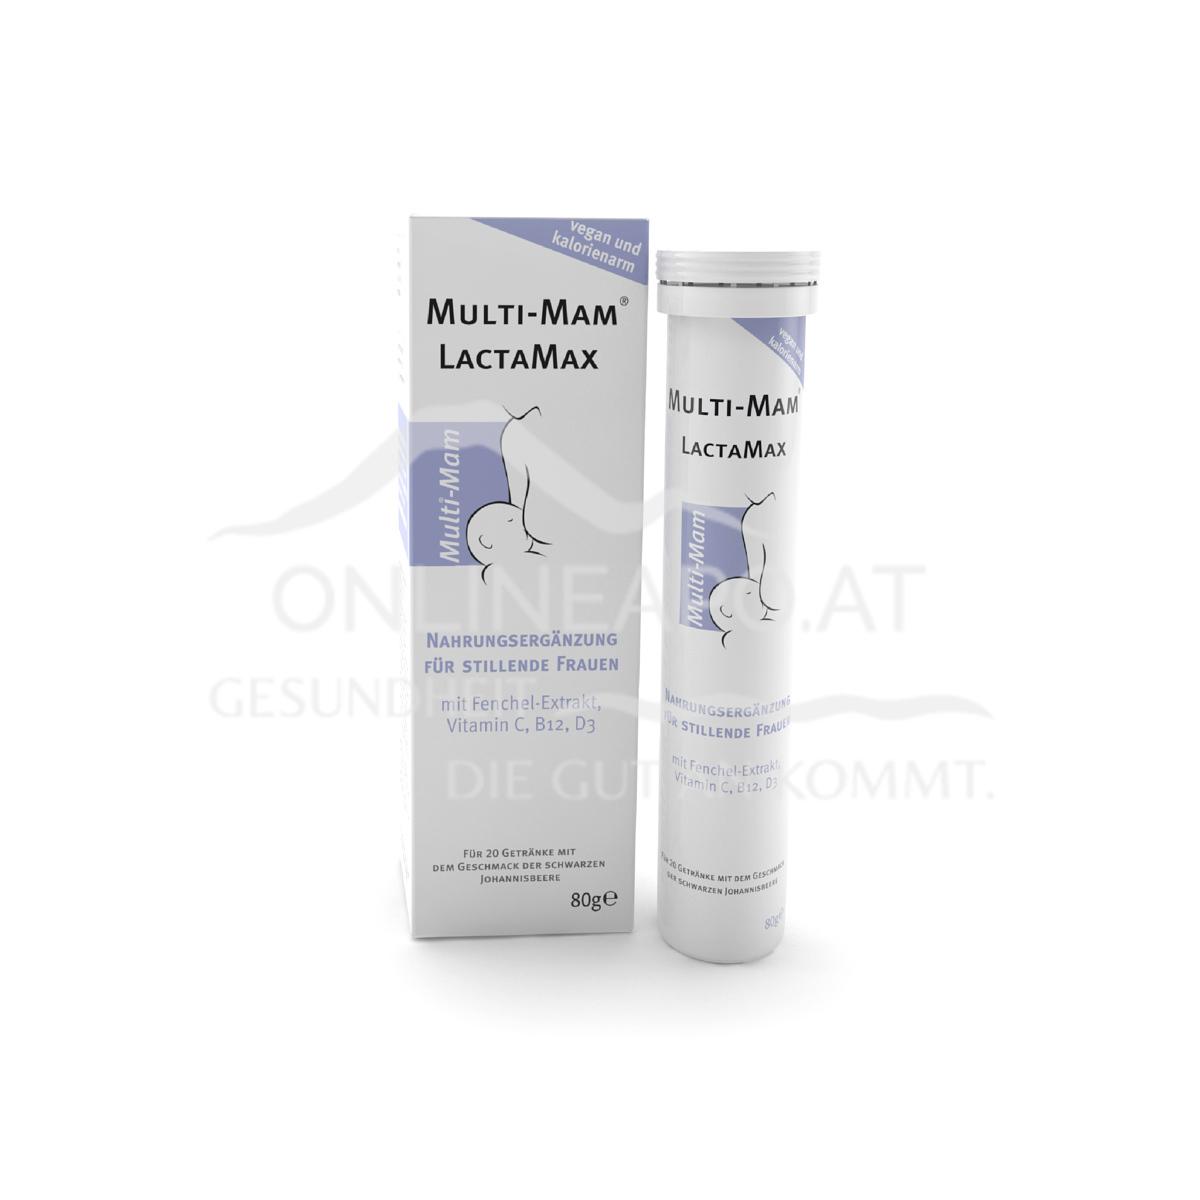 Multi-Mam LactaMax